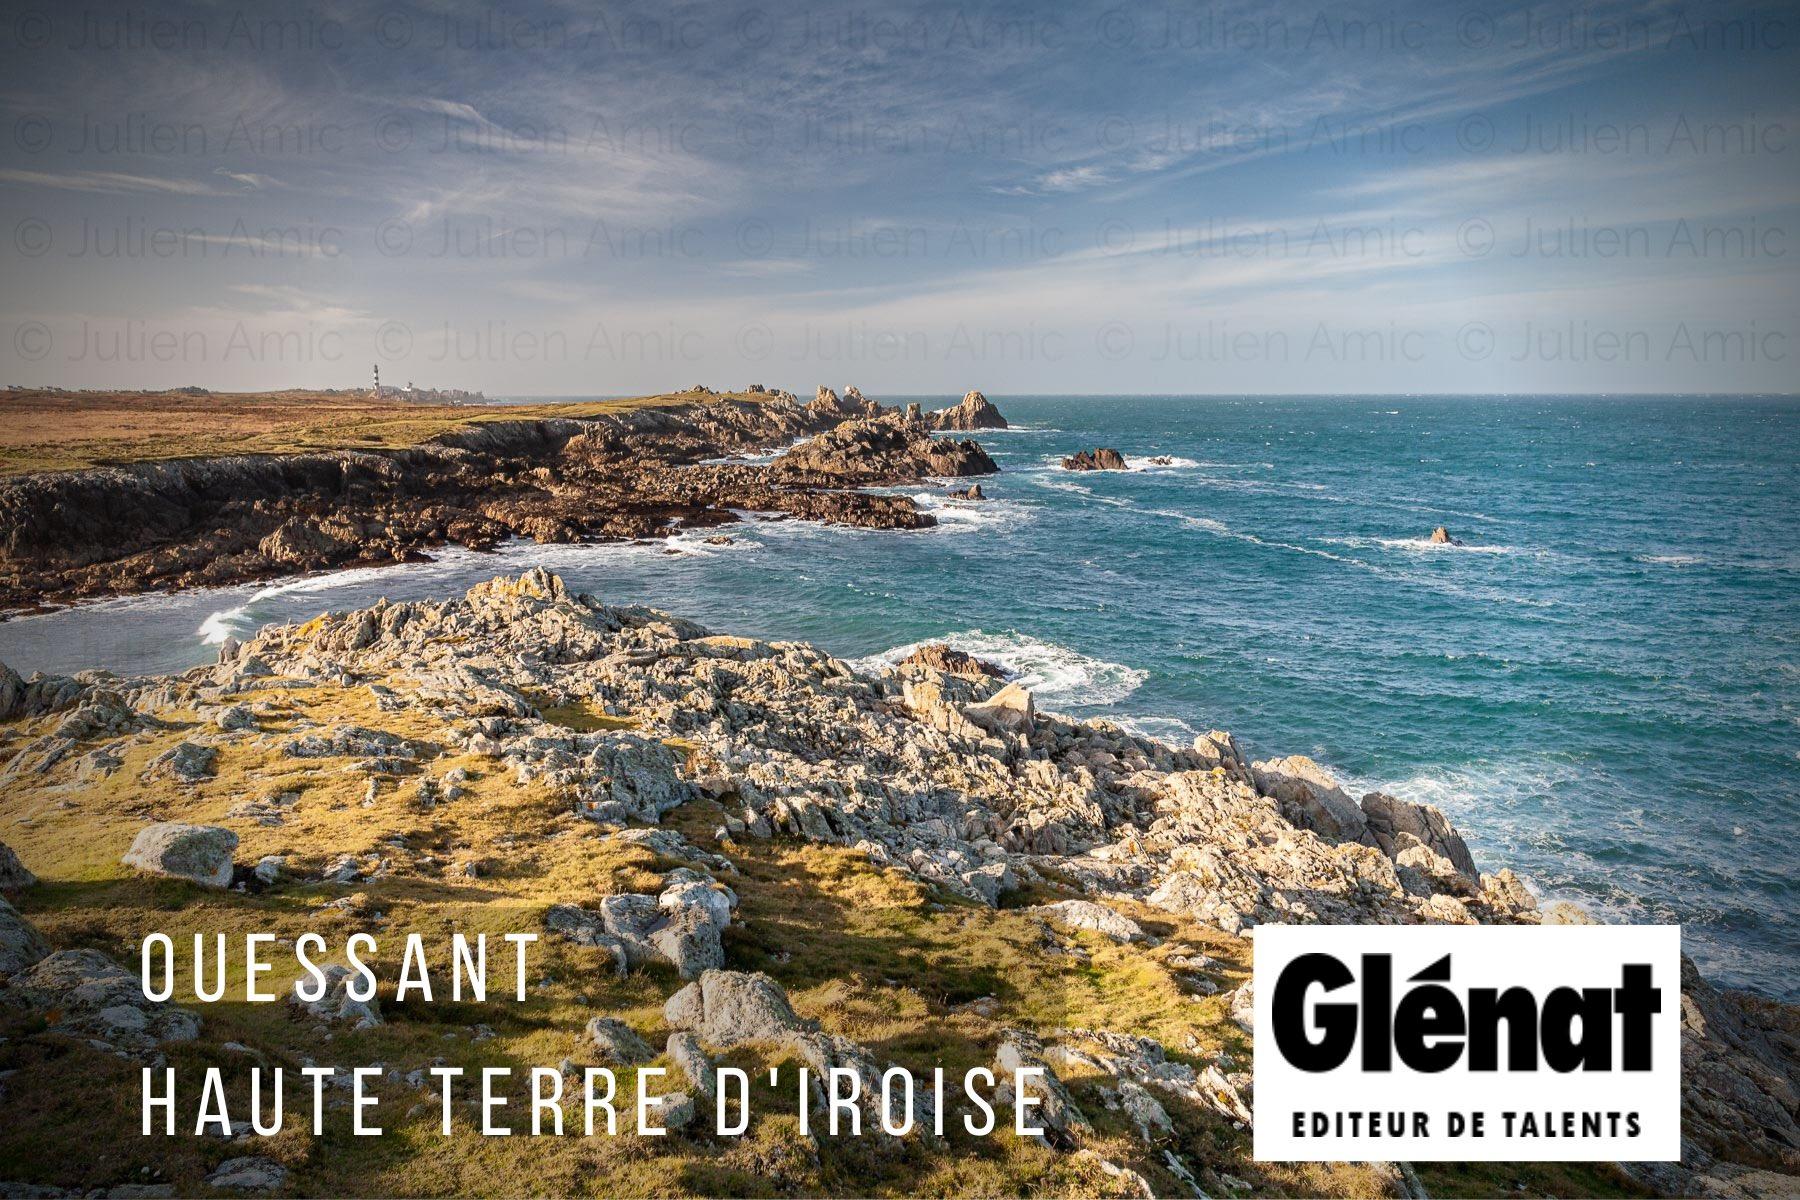 Ouessant, haute terre d'Iroise - julienamic.com